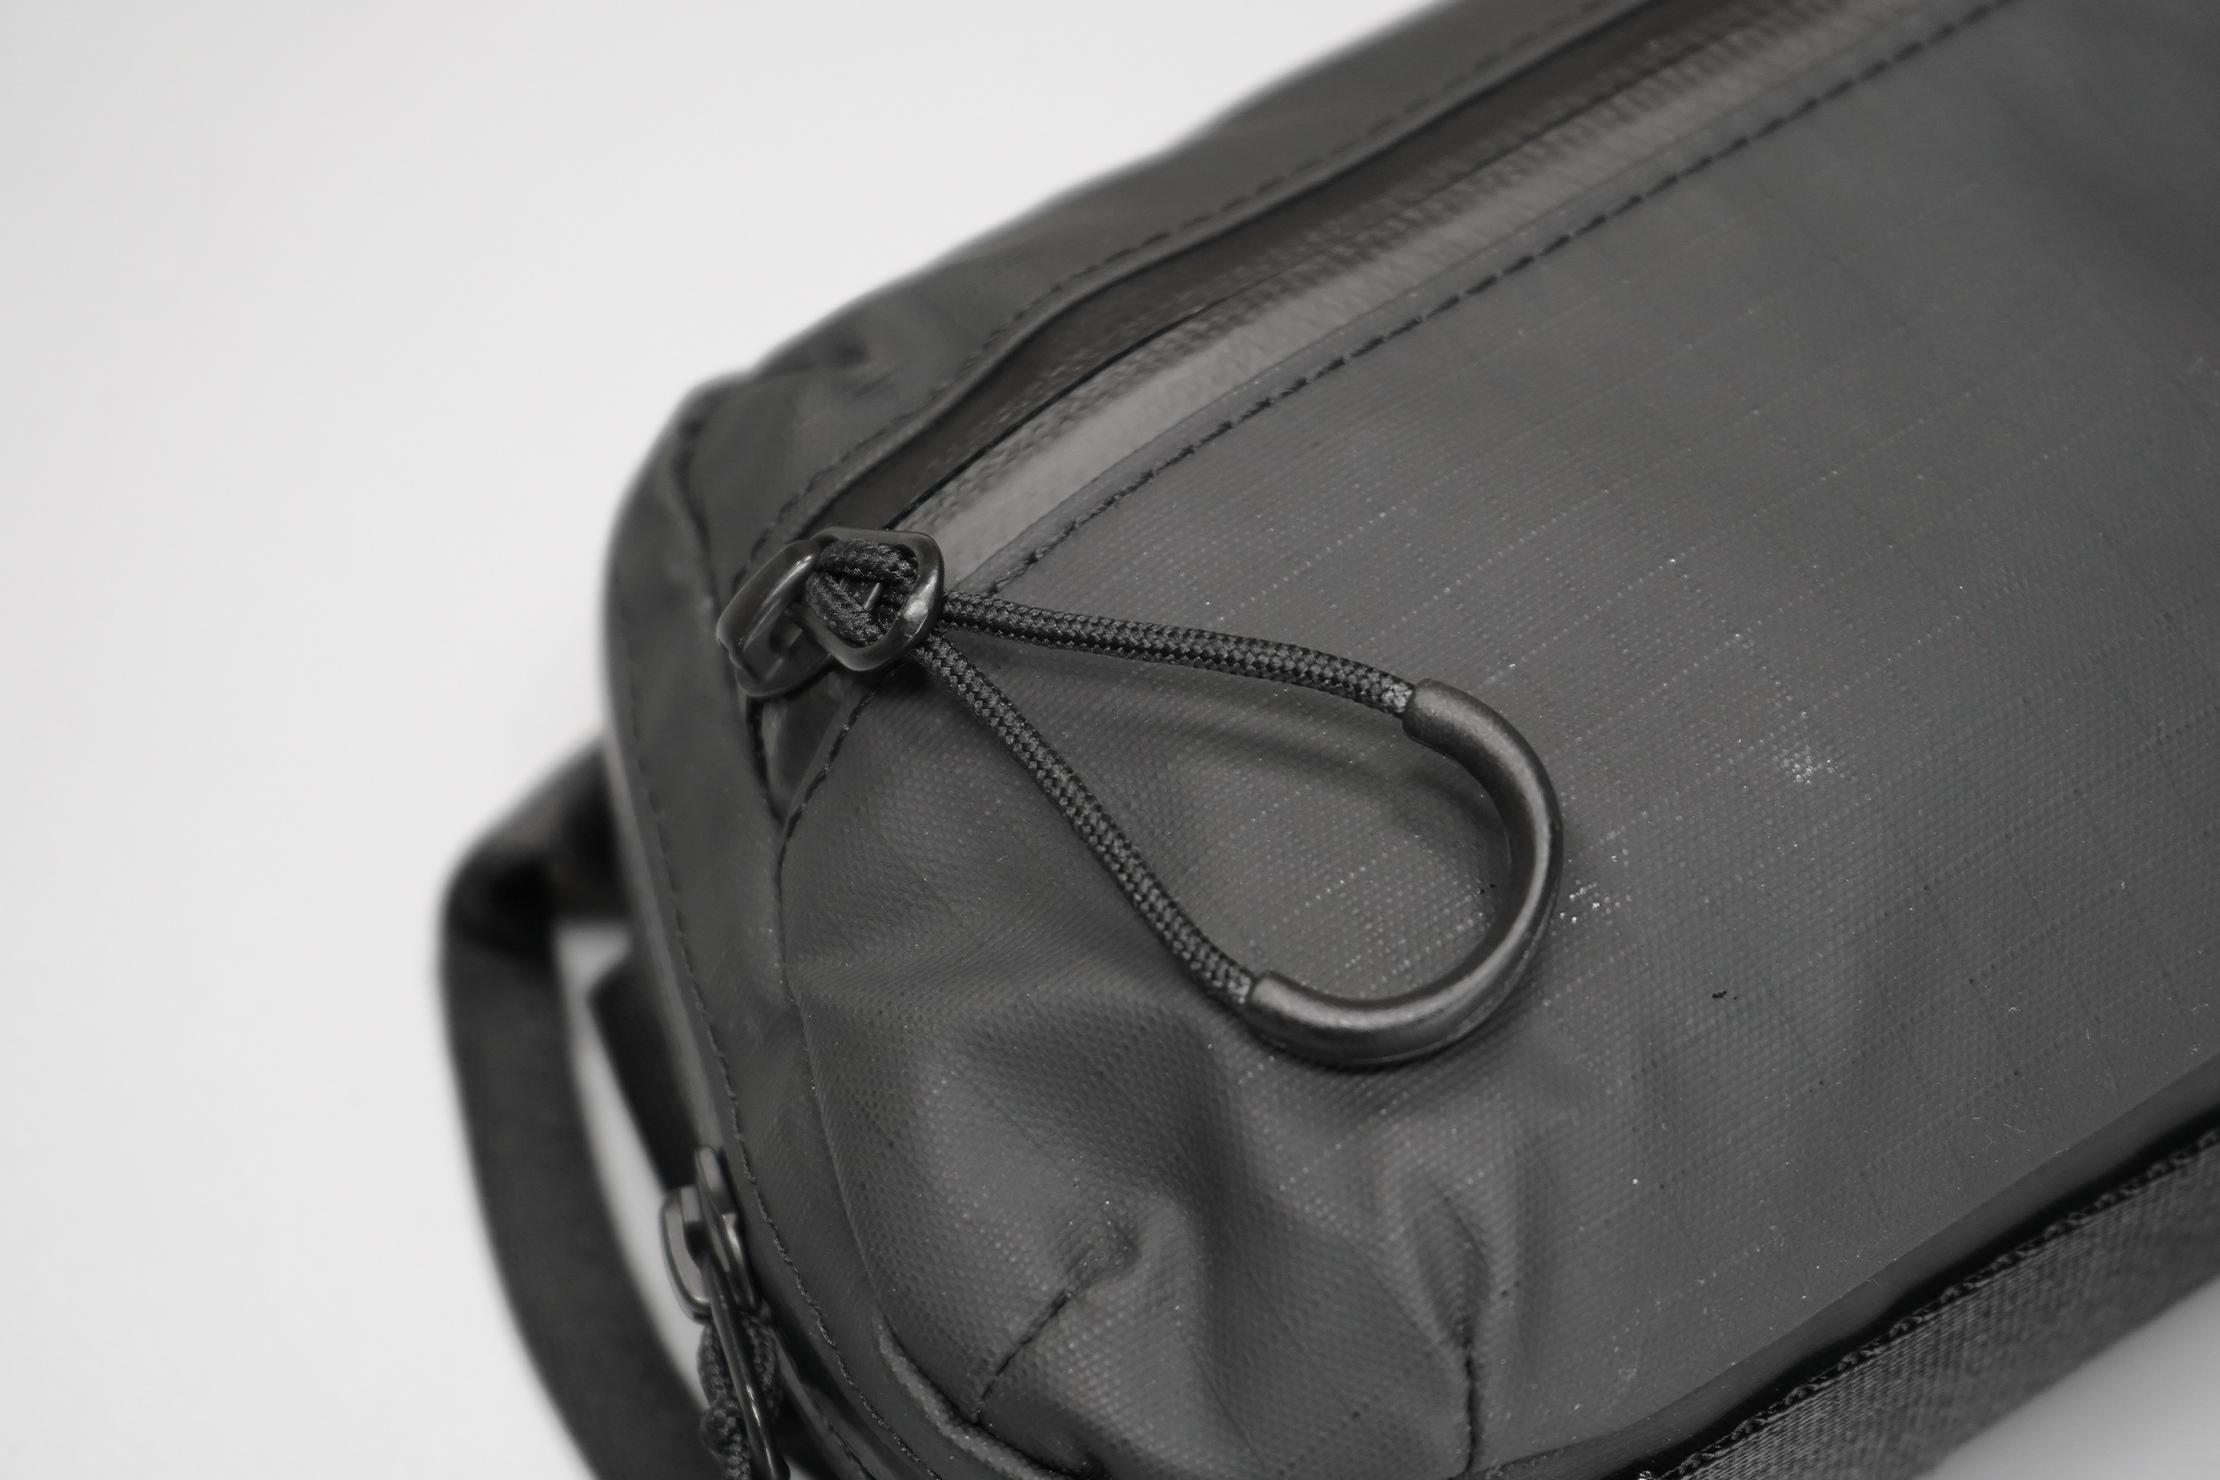 WANDRD Tech Bag Medium zippers